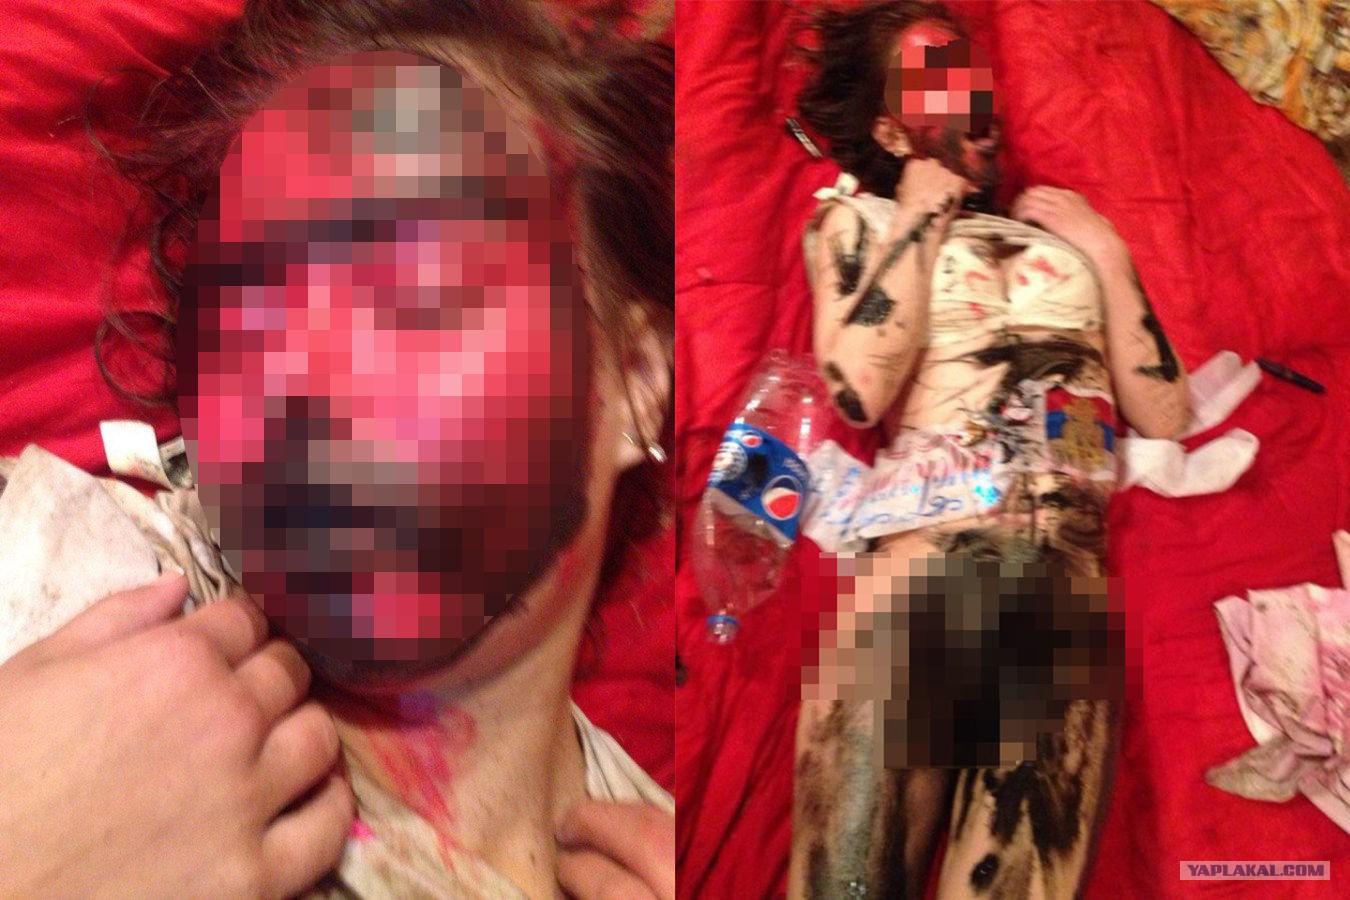 Син згвалтував матір дивитися відео в онлайн безплатно 21 фотография